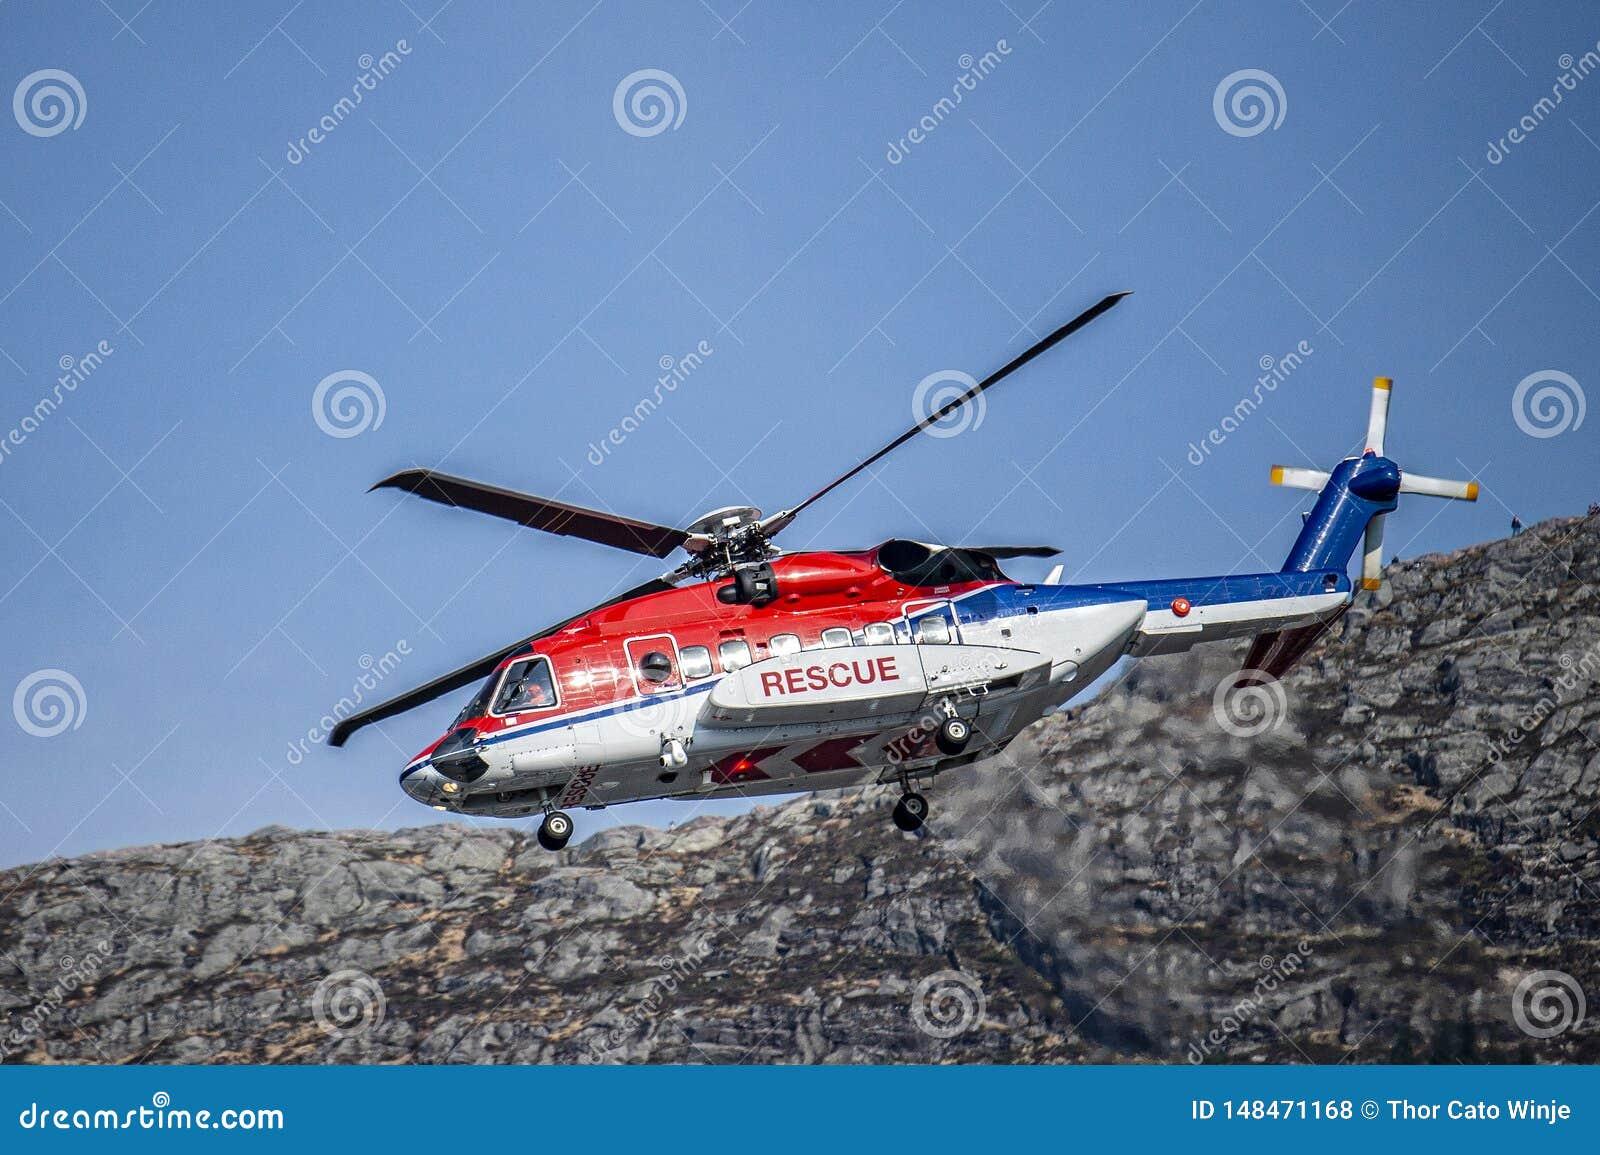 De helikopter van de Tricolorredding in rood, wit en blauw komt neer voor het landen